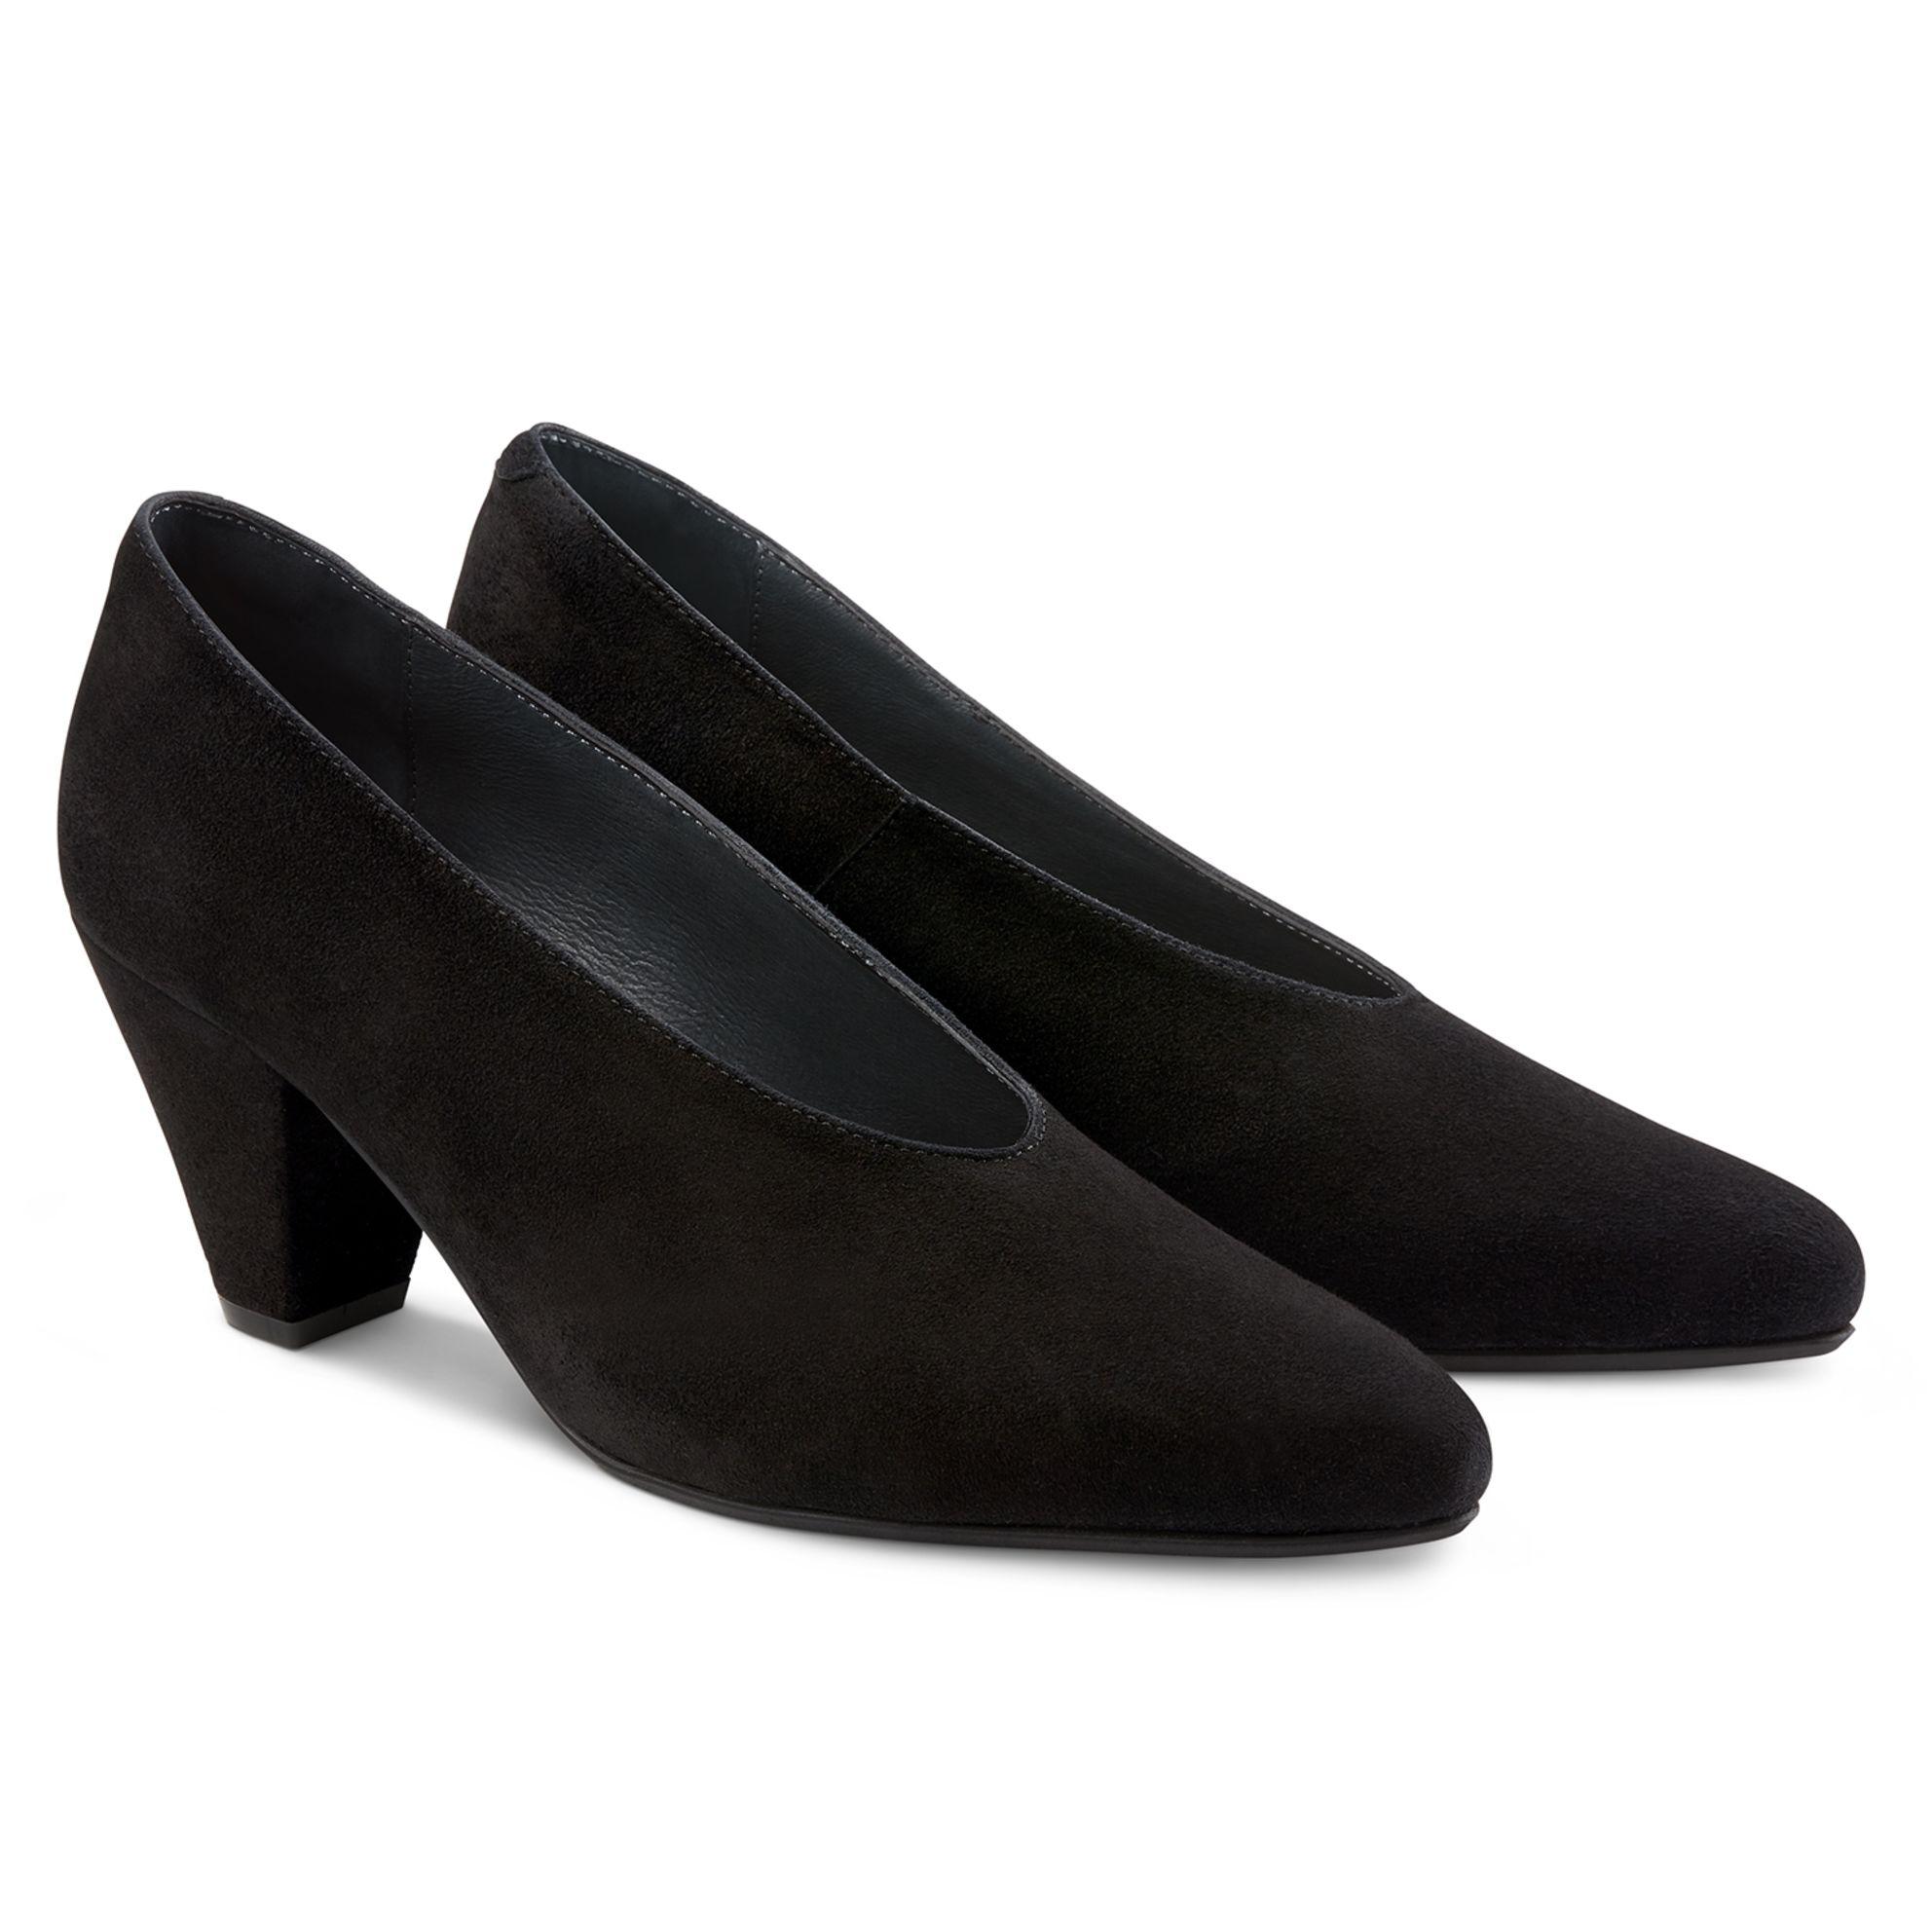 V-Shape-Pumps auf Trichterabsatz Schwarz – modischer und bequemer Schuh für Hallux valgus und empfindliche Füße von LaShoe.de